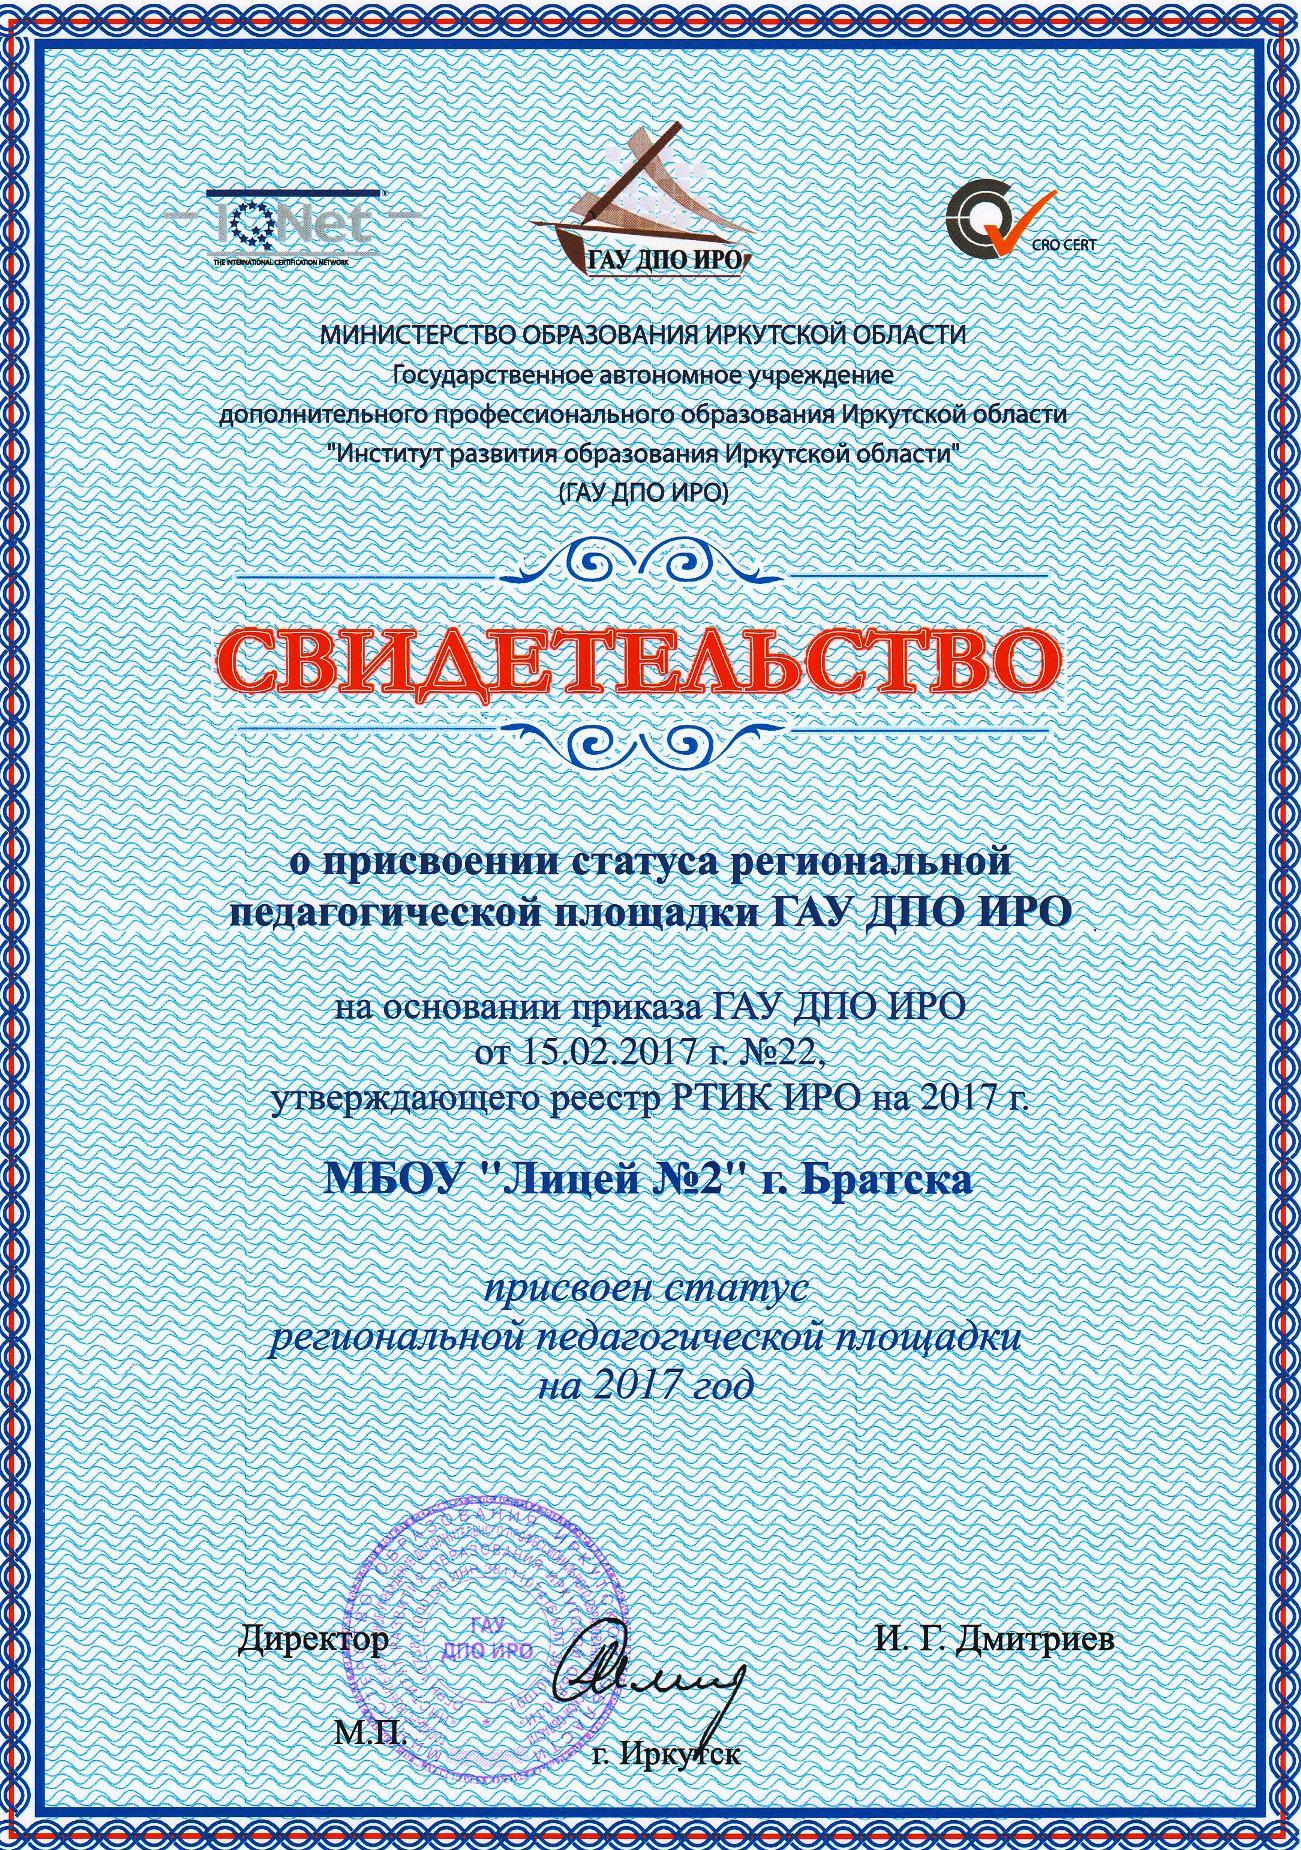 Иро 38ру официальный сайт конкурсы